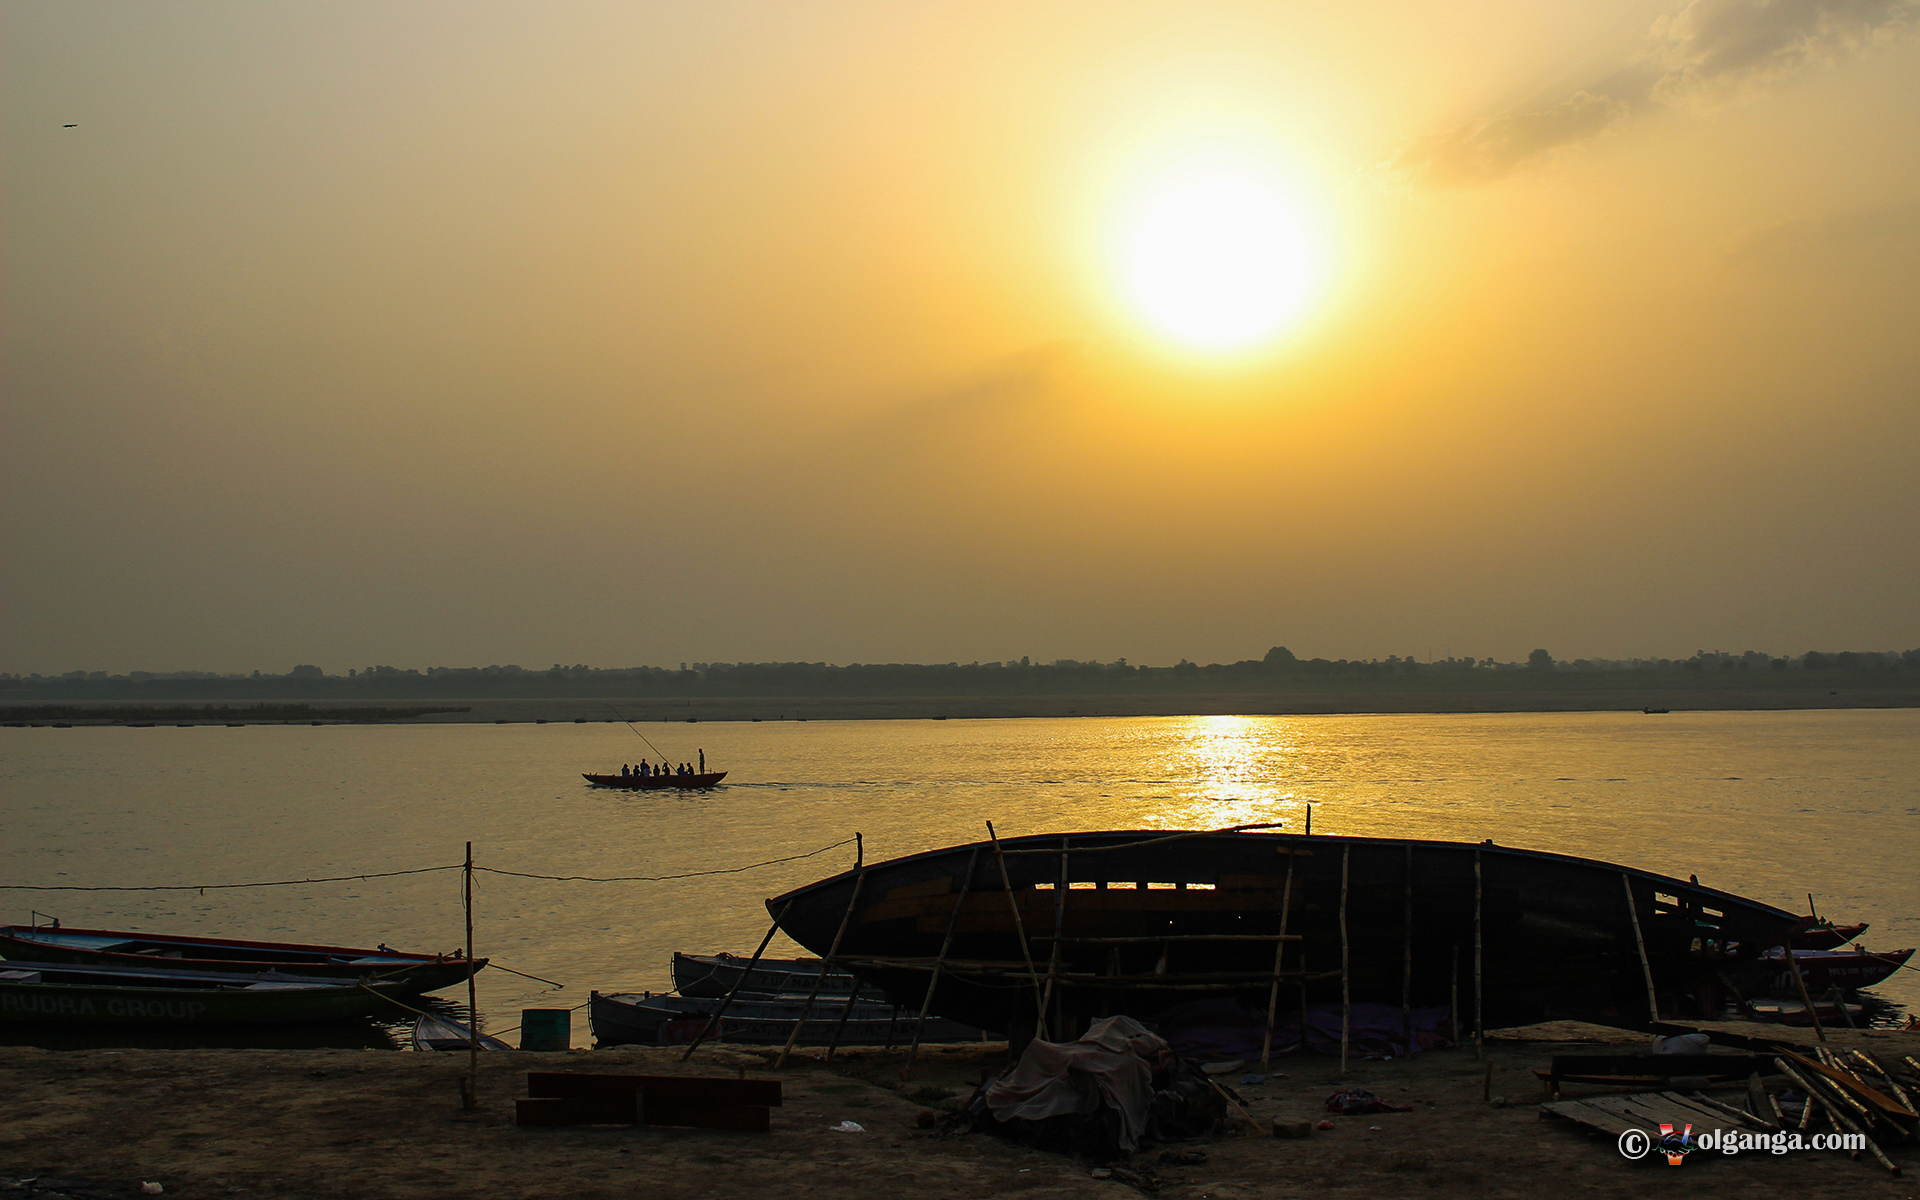 varanasi_morning_to_night_hd02